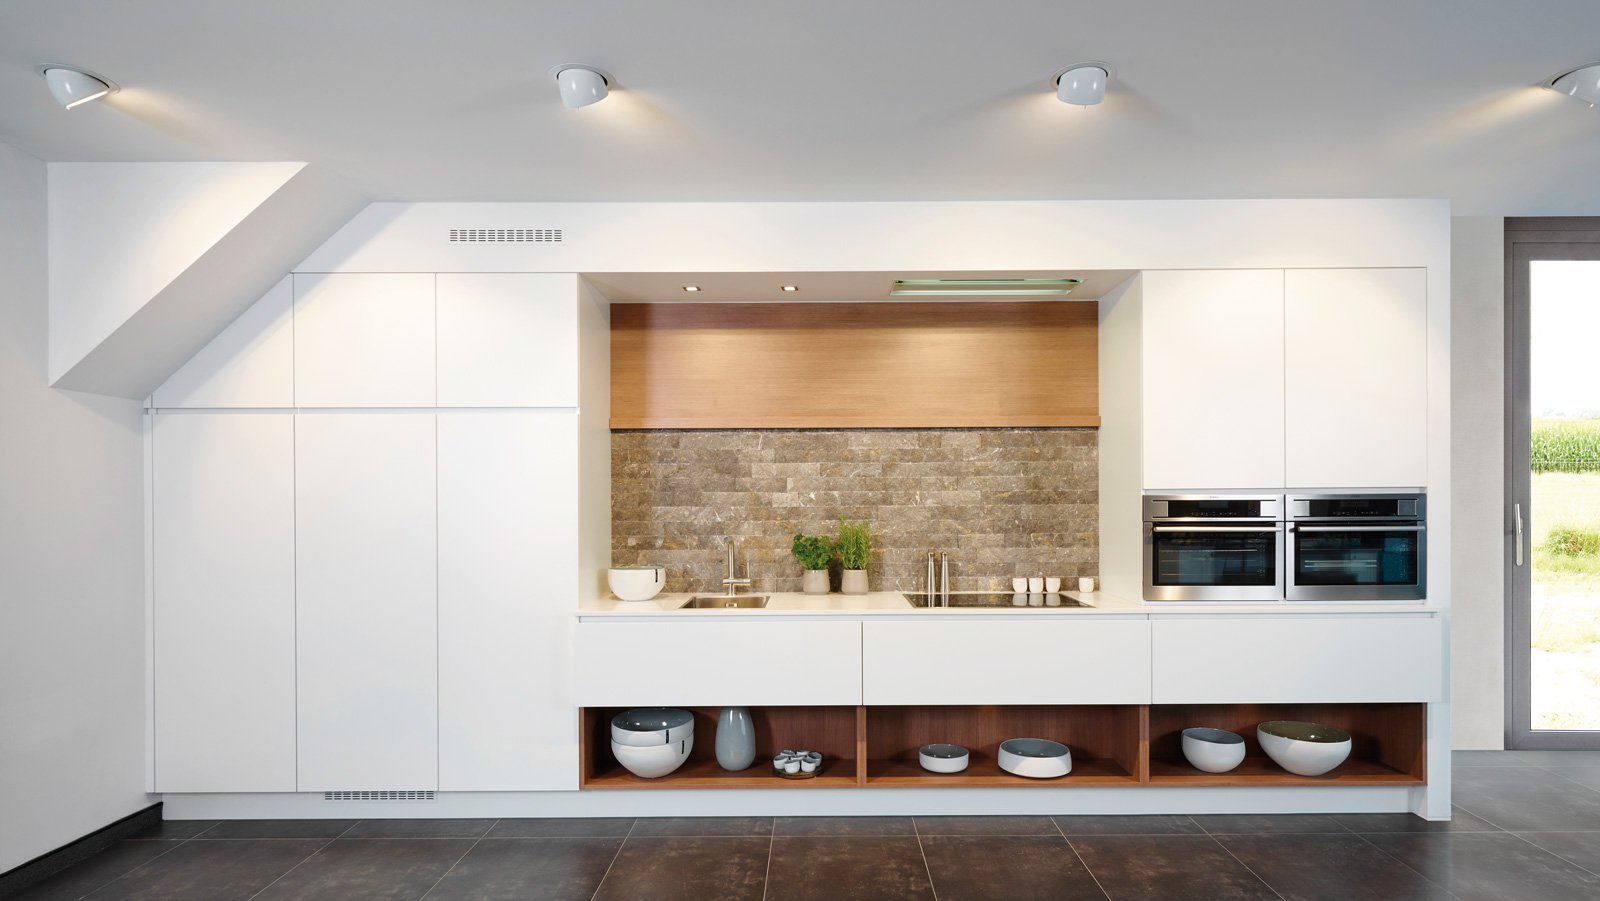 Cuisine moderne blanche sur une seule ligne - Modèle Design